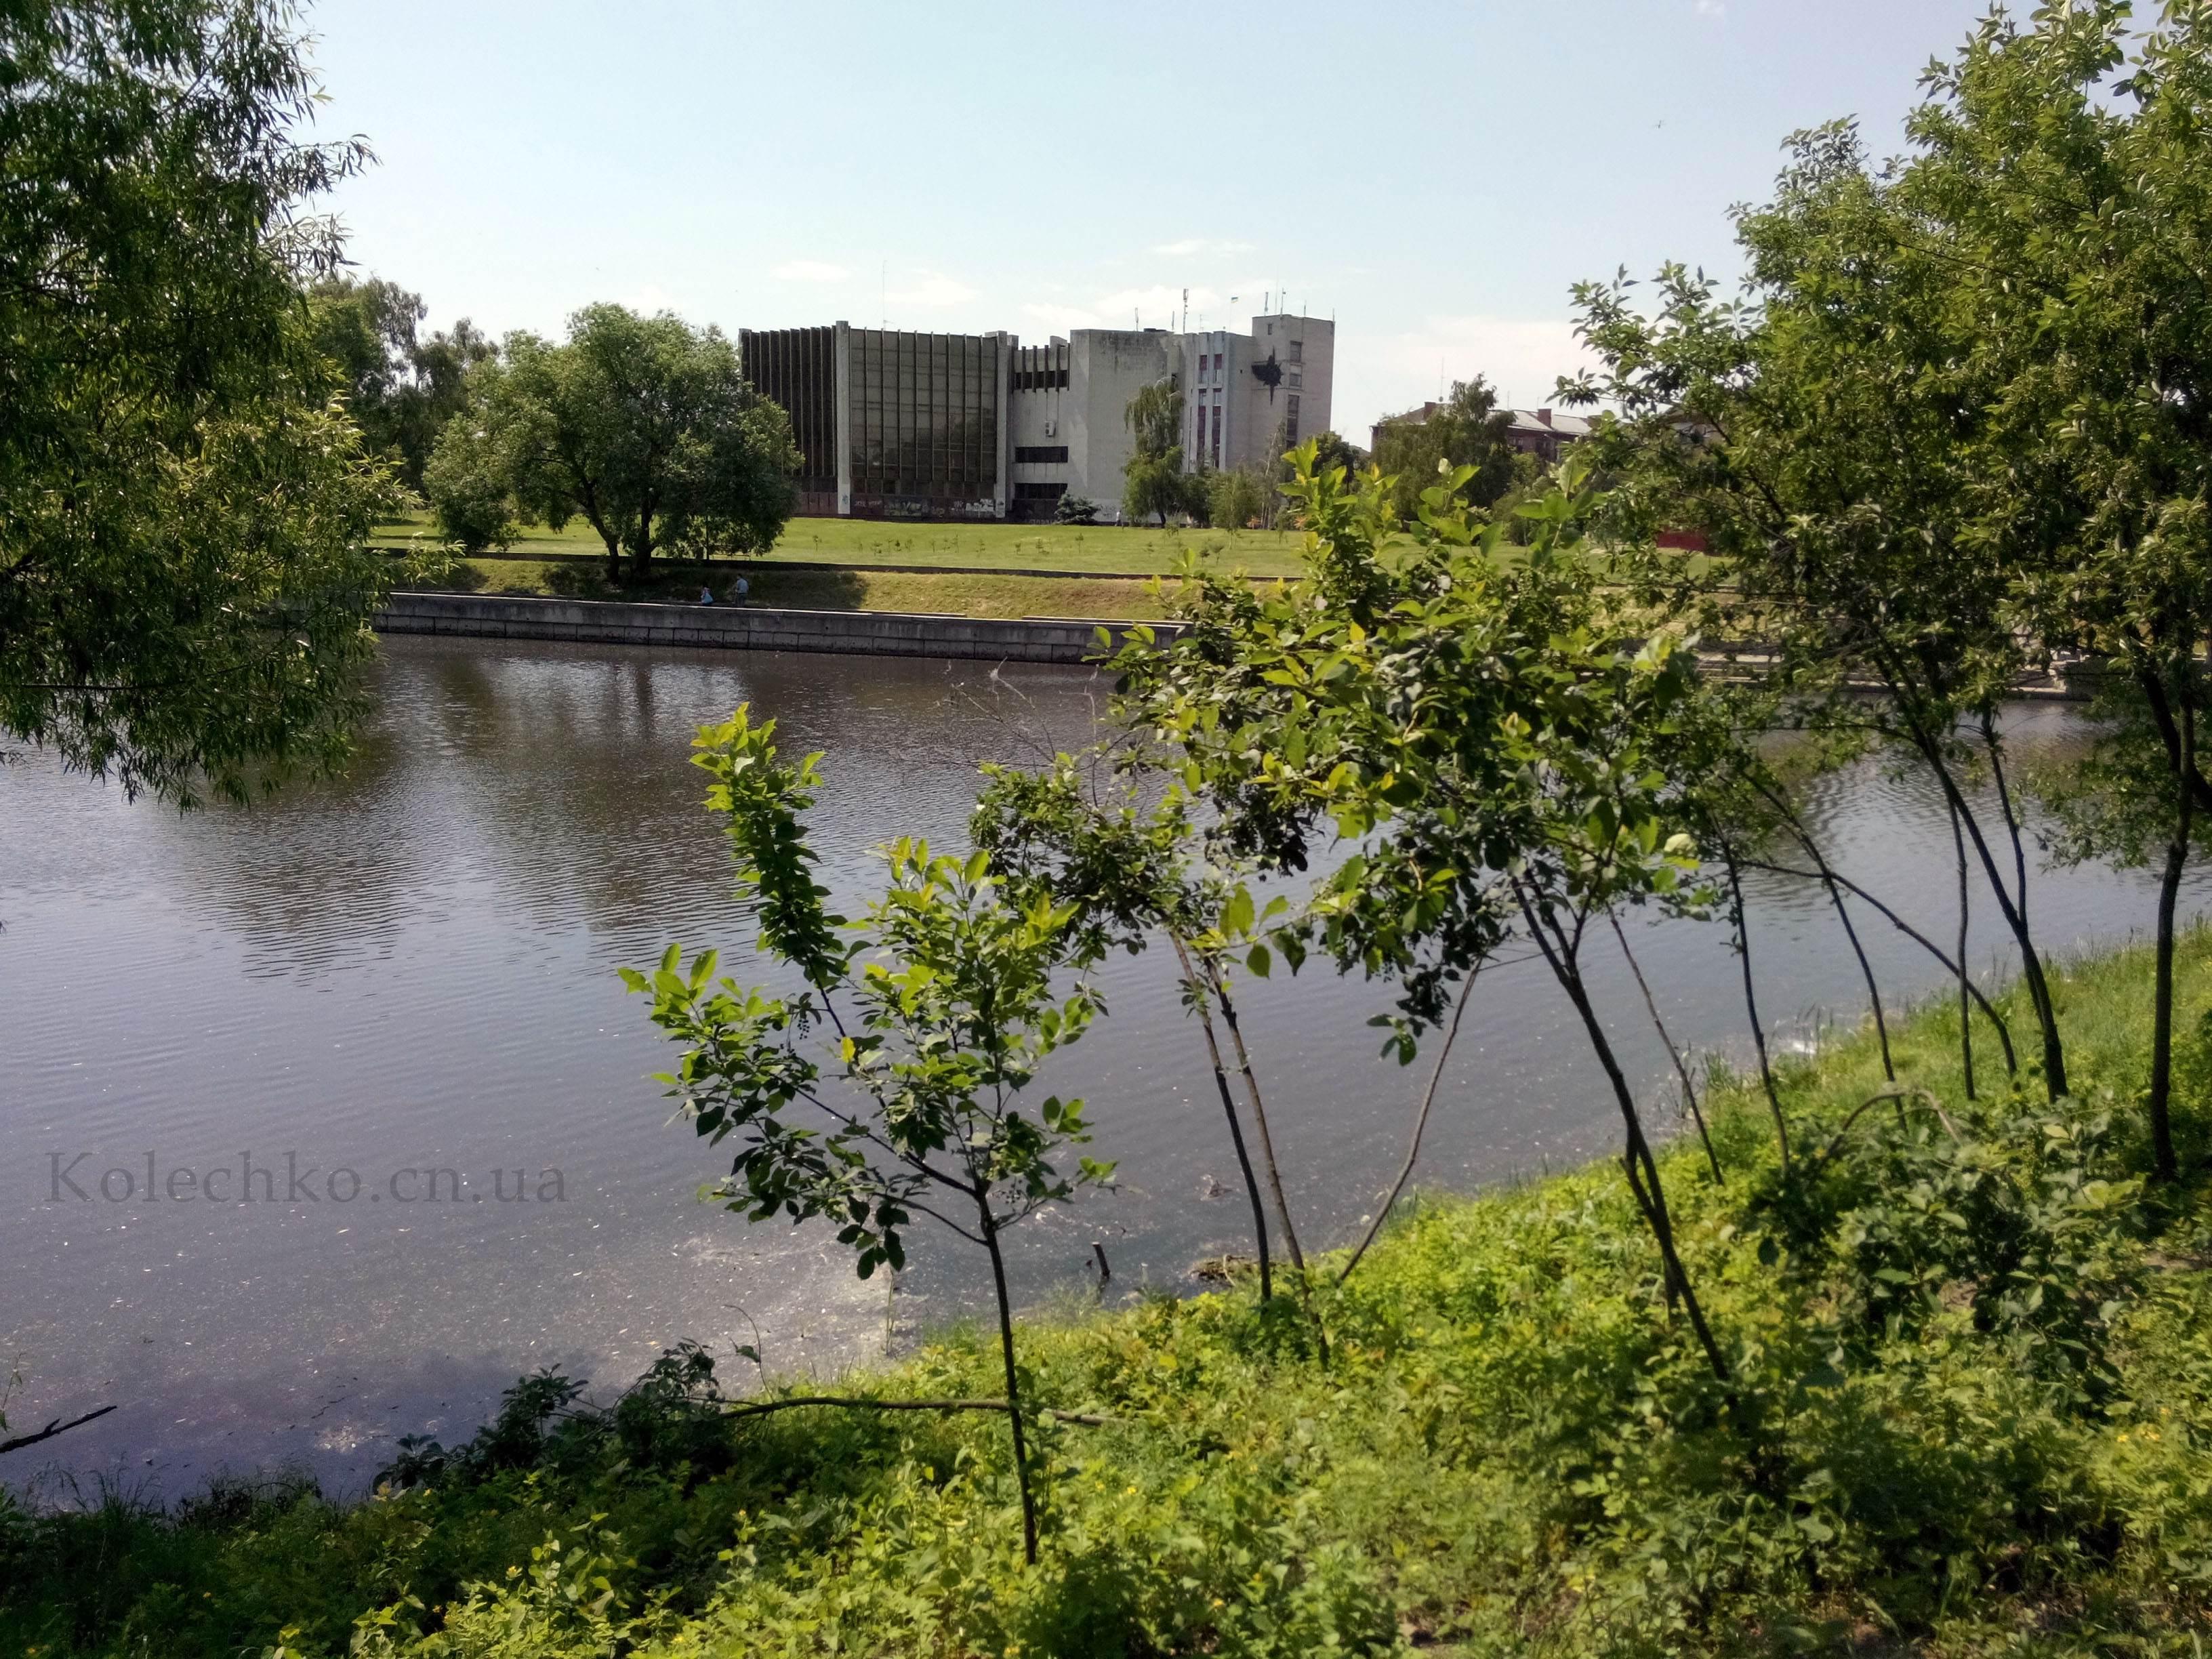 Фотография загса в Чернигове со стороны Стрижня